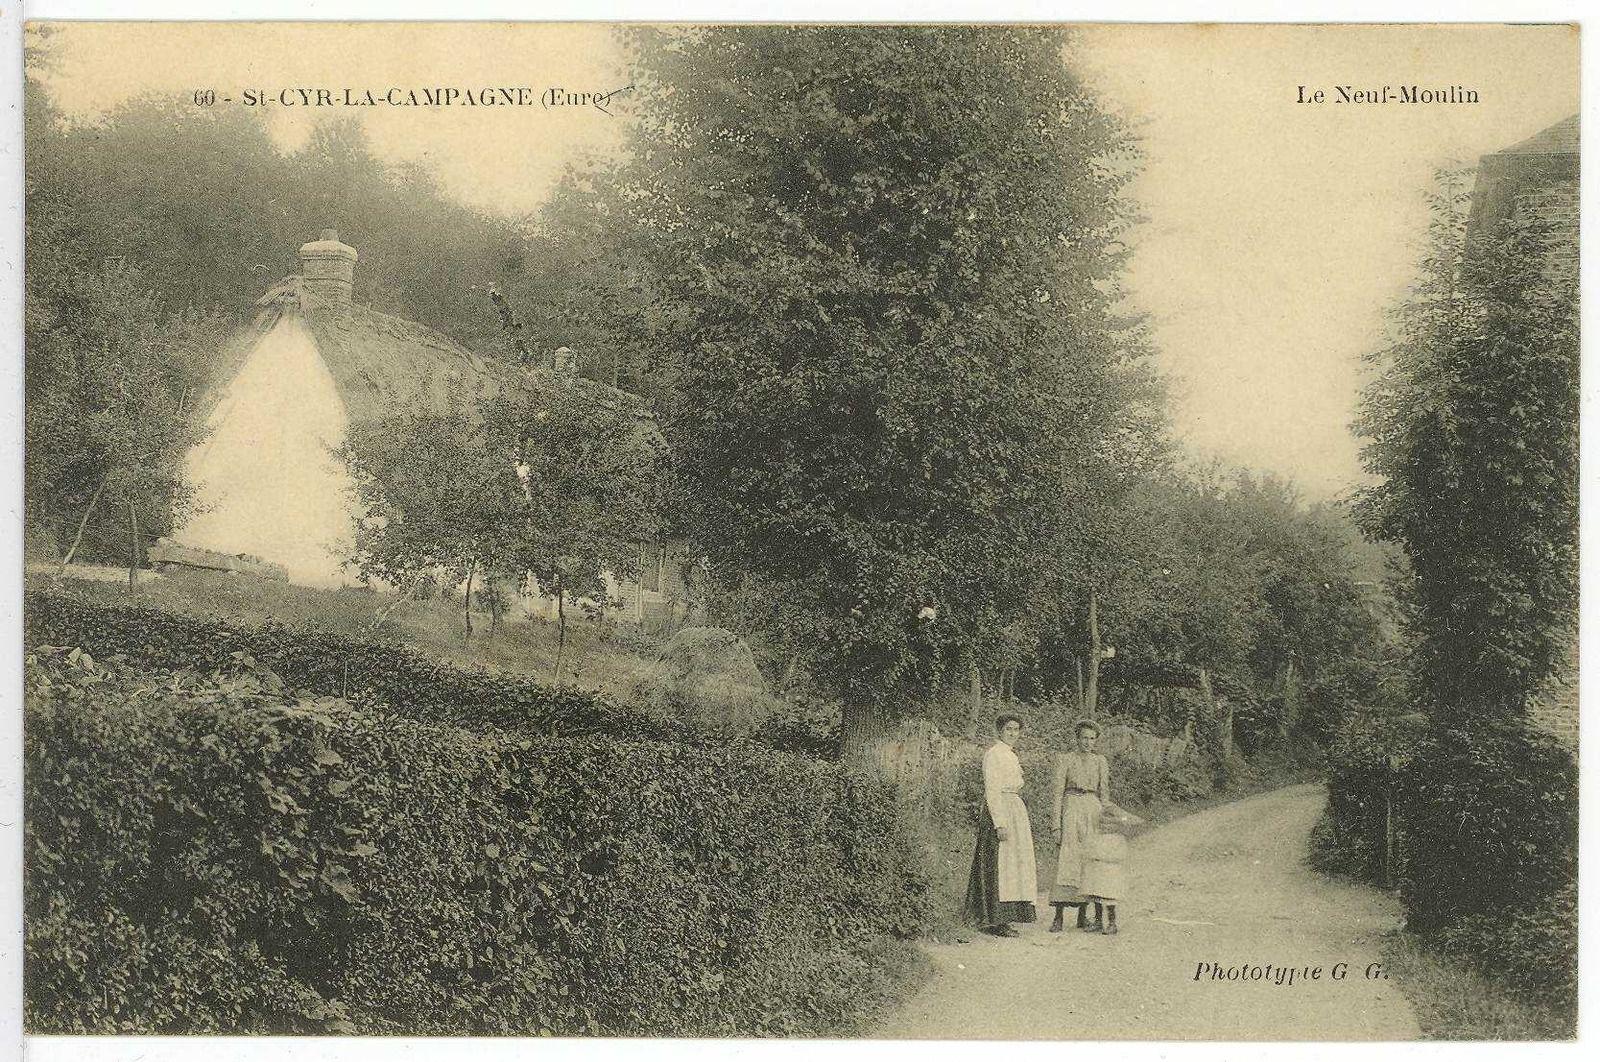 Saint-Cyr-la-campagne. Le Neuf-moulin. Carte postale illustrée des années 1910 disponible sur le site des Archives de l'Eure (cote : 8 Fi 529-8).